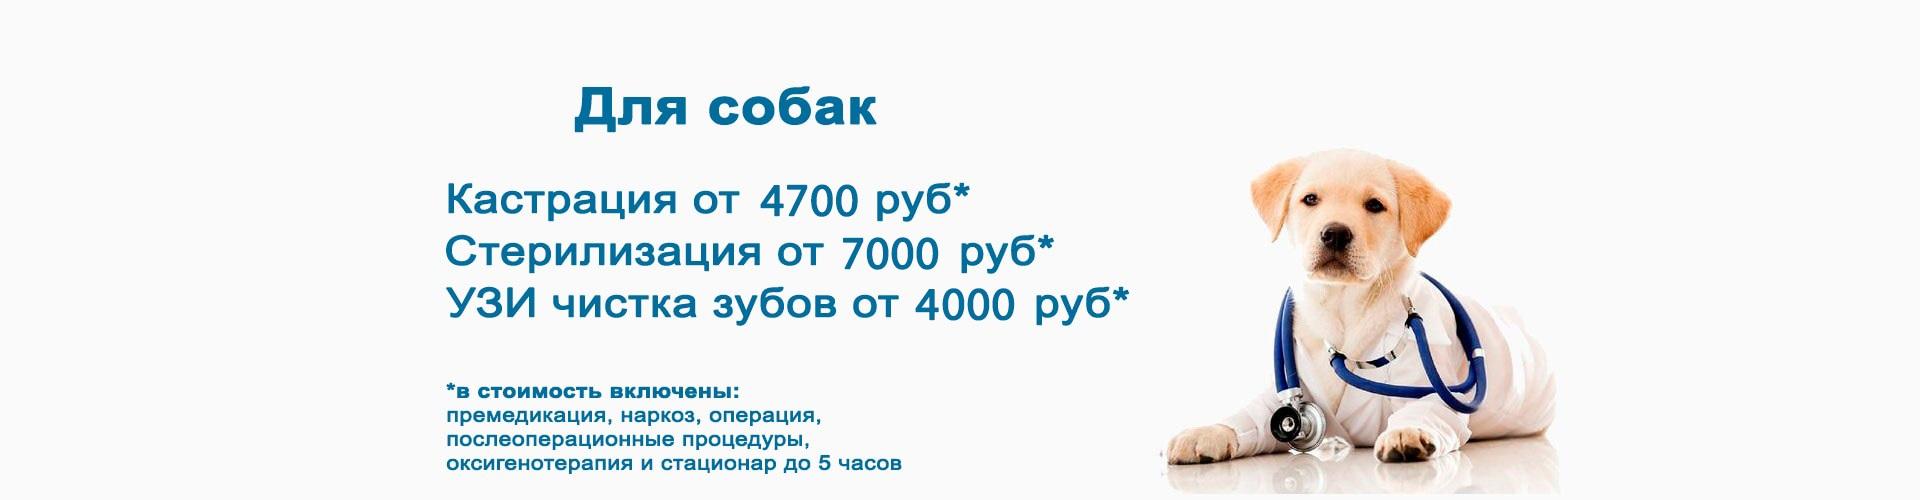 Для собак кастрация от 3000 руб, стерилизация от 5500 руб, УЗИ чистка зубов 3500 руб!